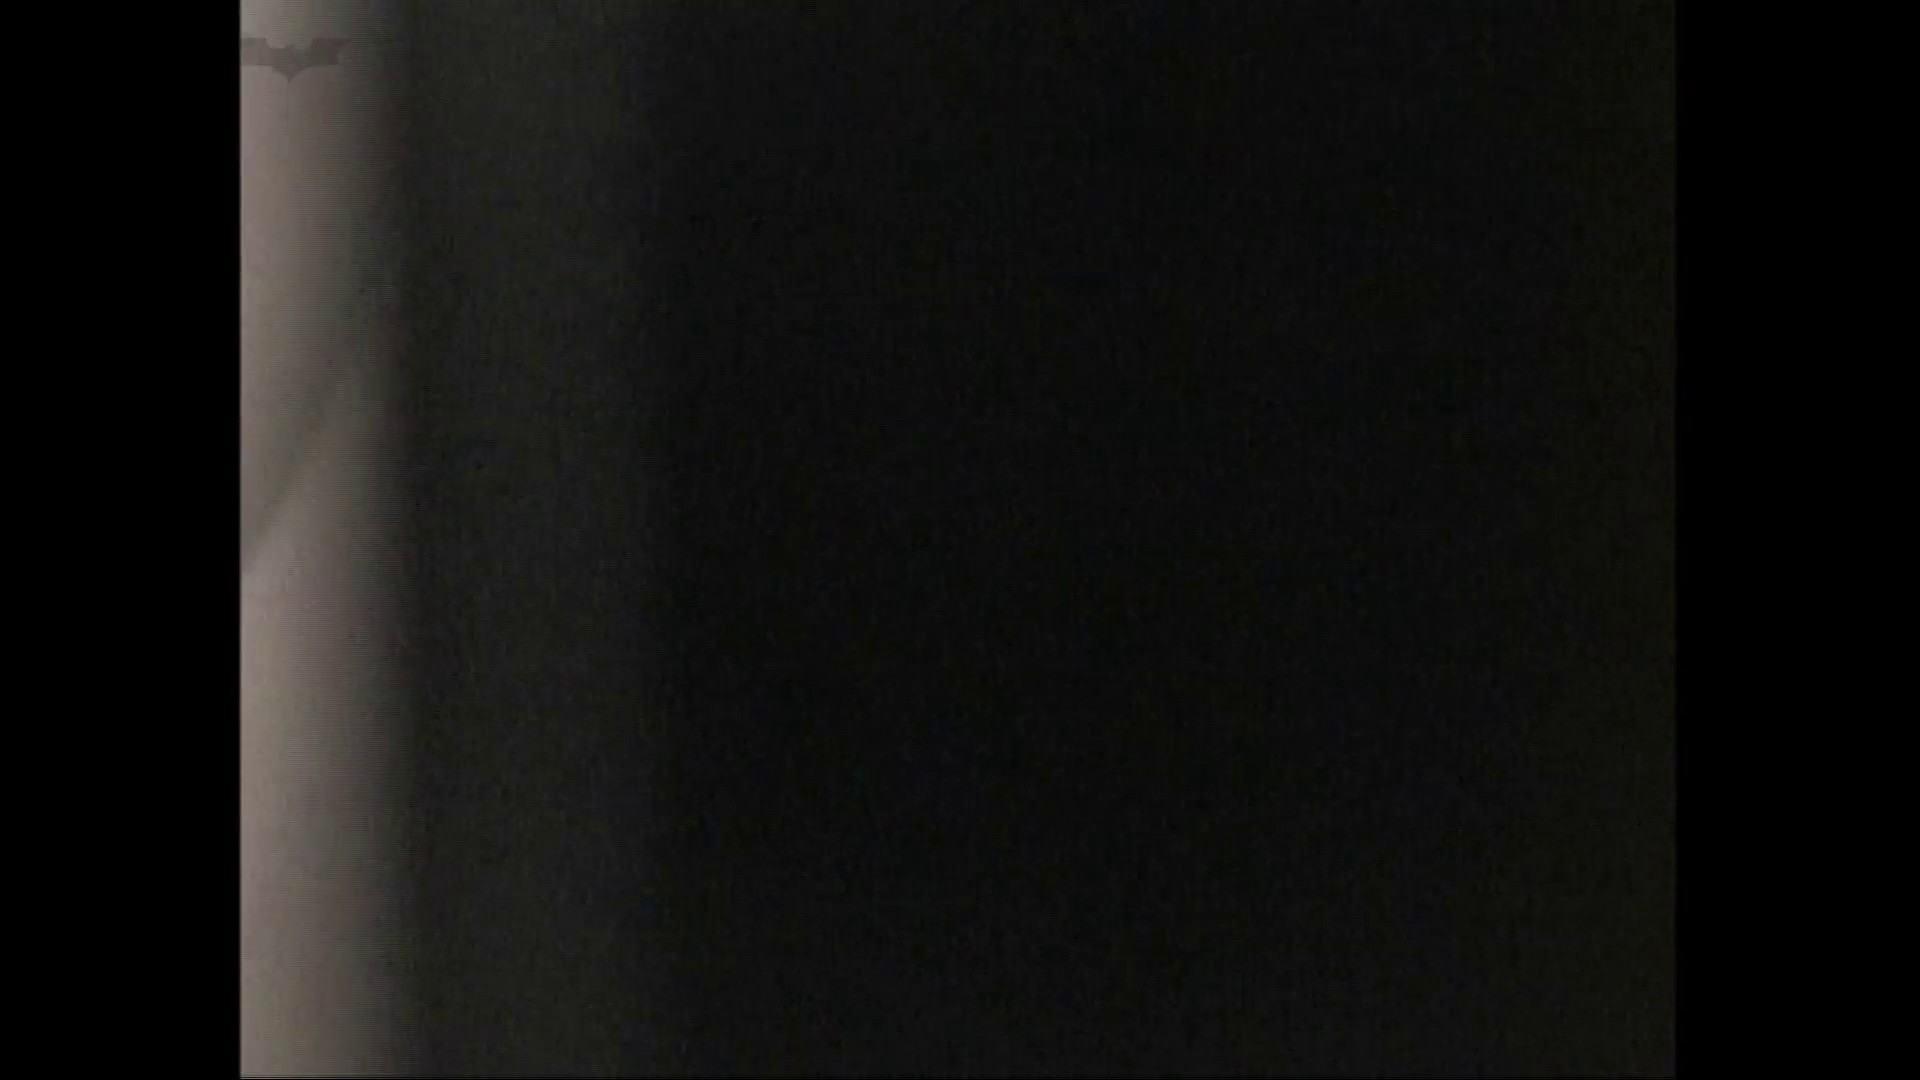 隙間からノゾク風呂 Vol.29 股をグイッとひらいて・・・。 入浴中の女性  69PIX 66